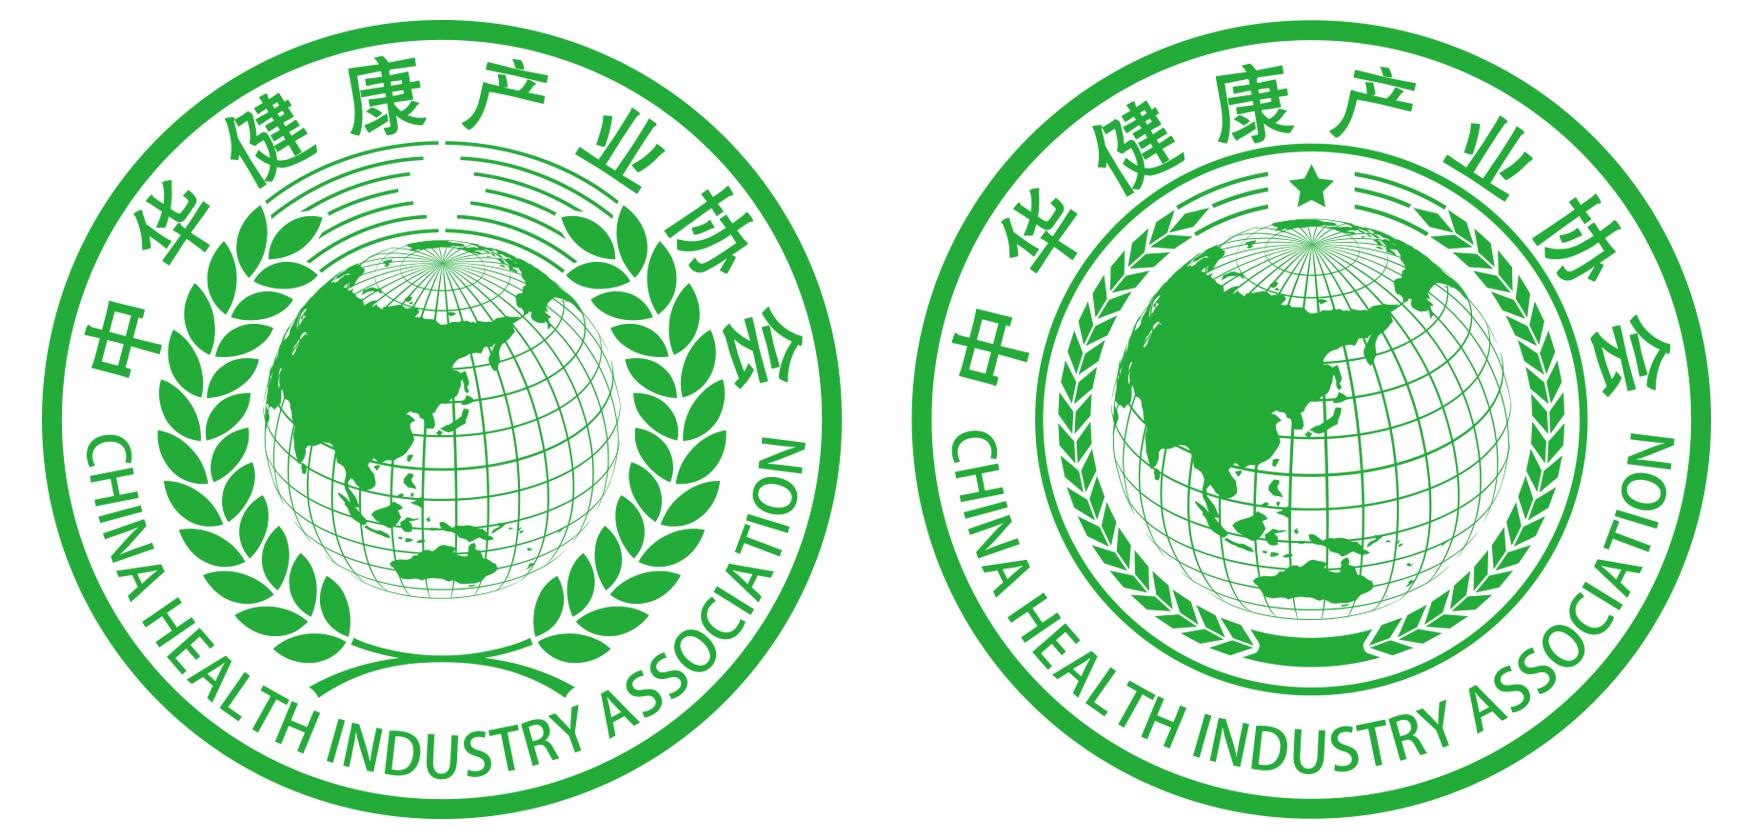 中华健康产业协会的logo设计